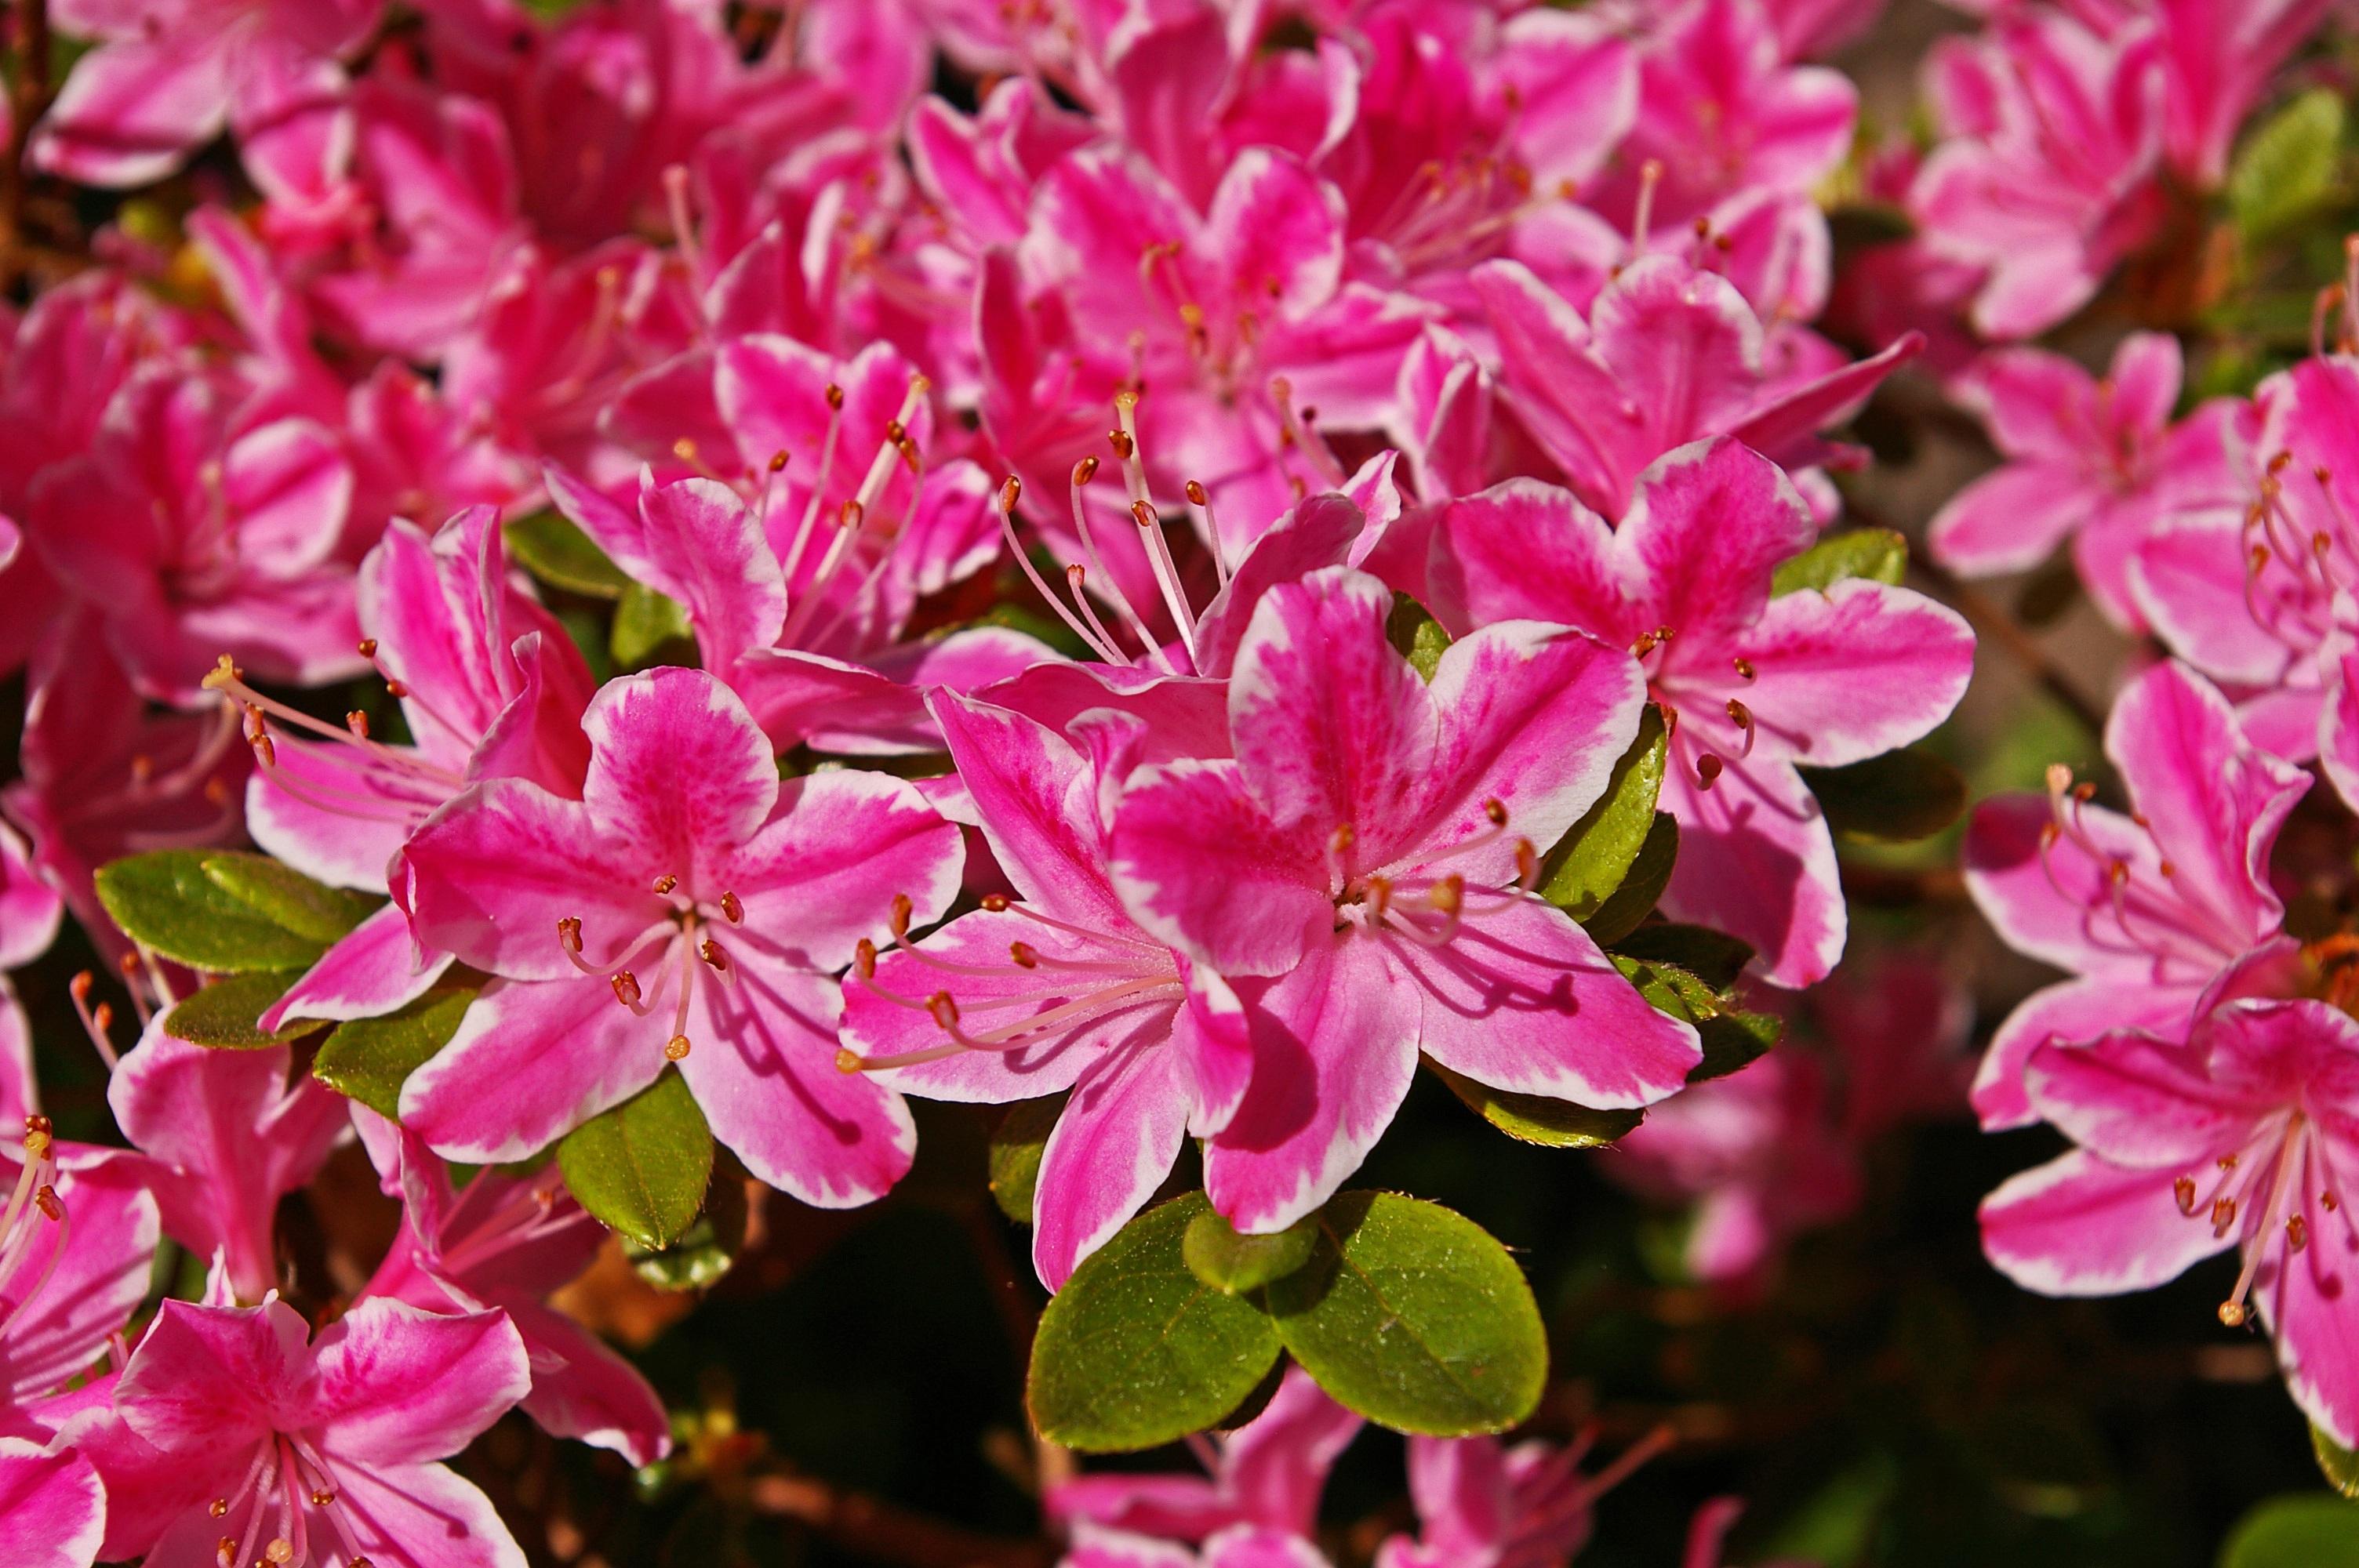 Free Images Nature Blossom Flower Petal Bloom Bush Spring